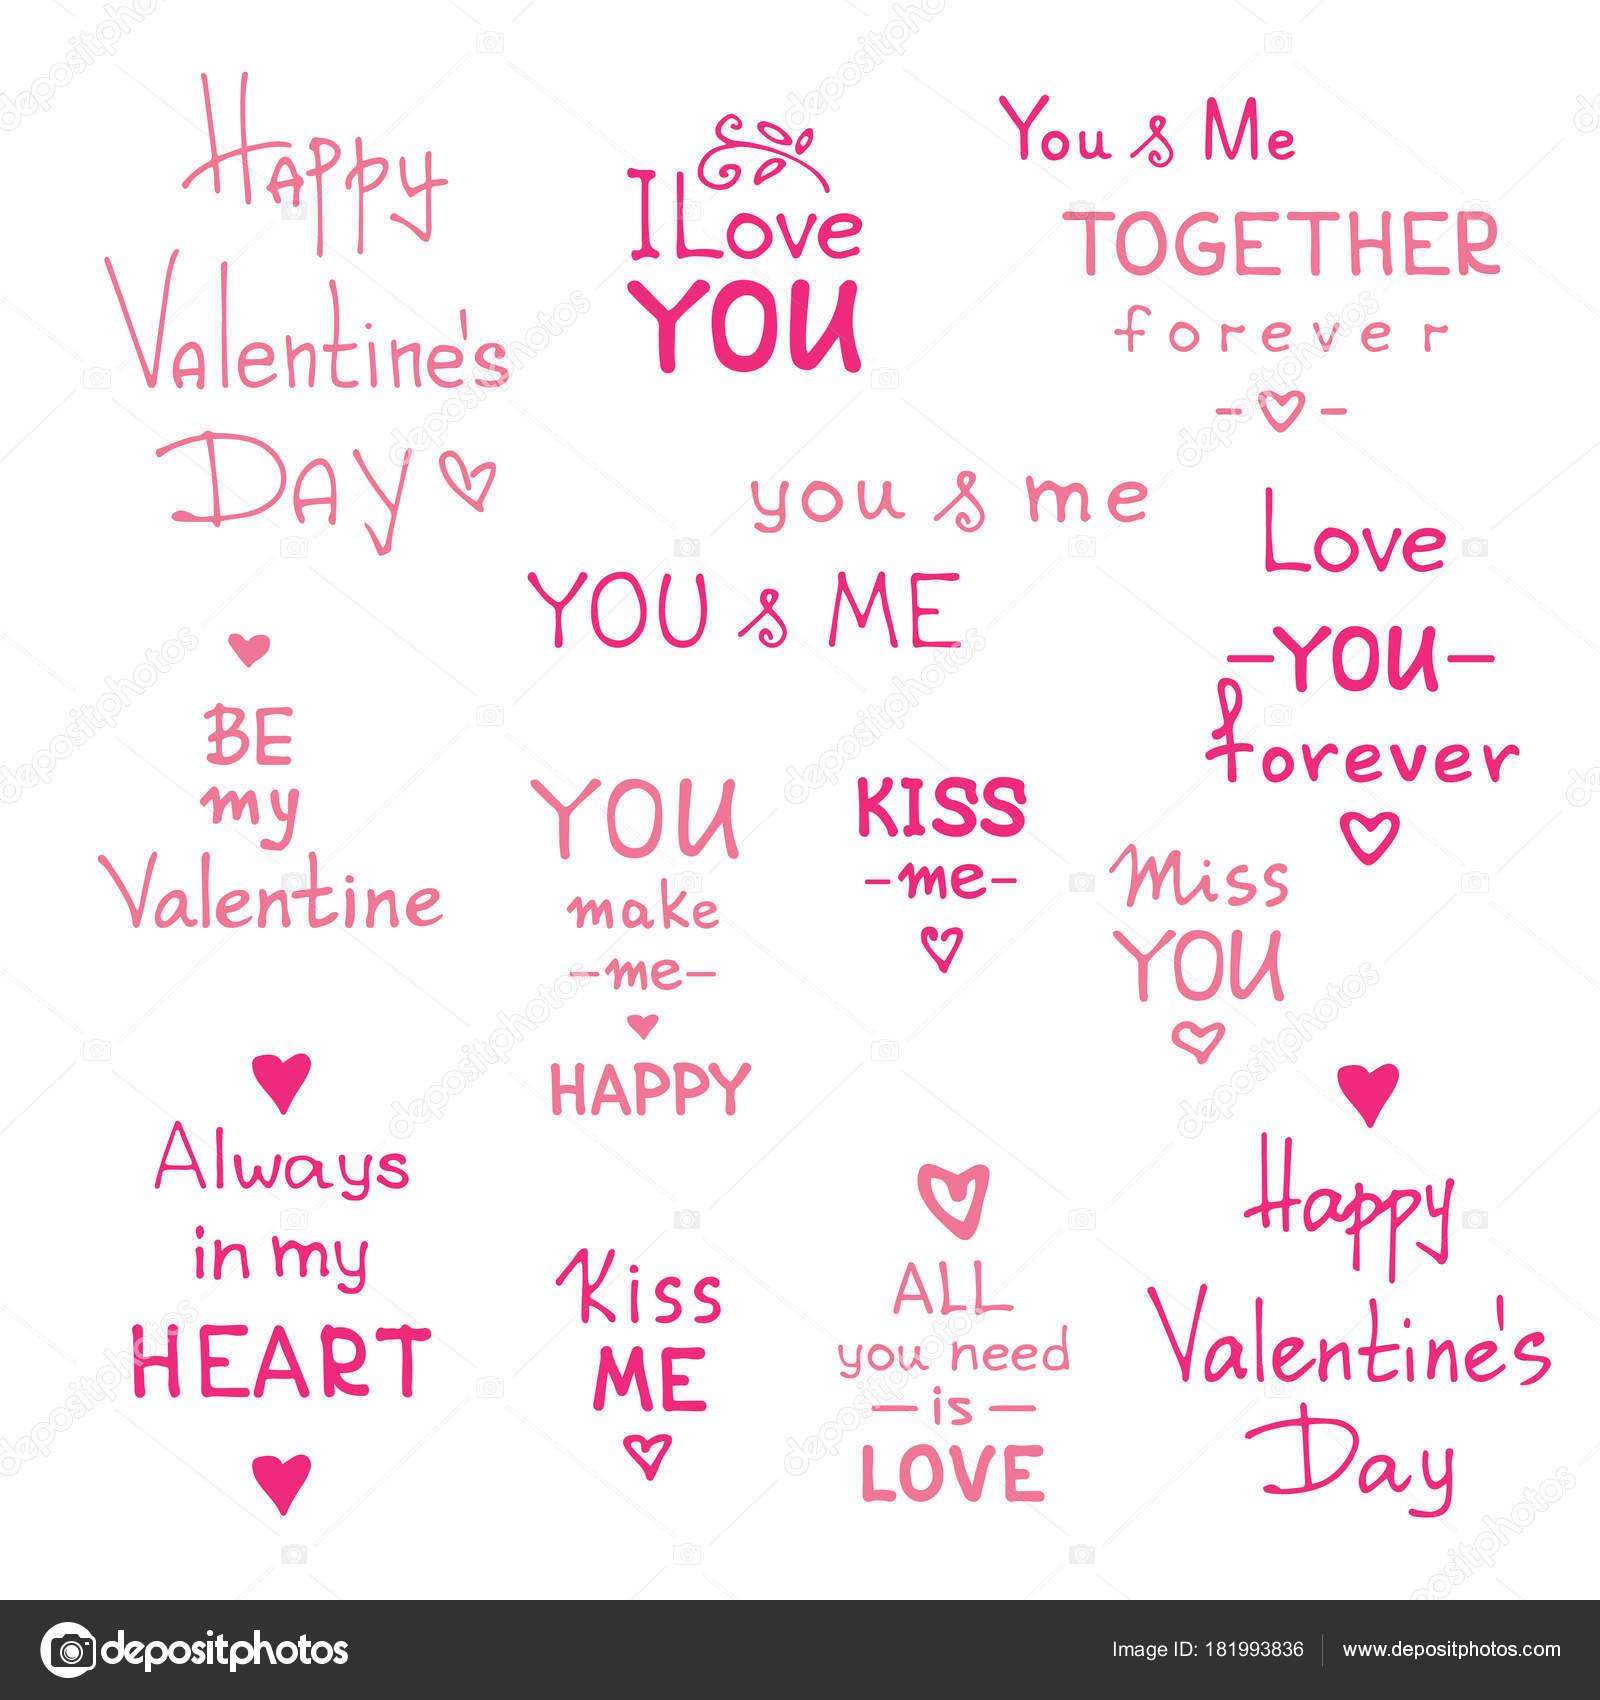 Happy San Valentines Day Frases Frases Del Día De San